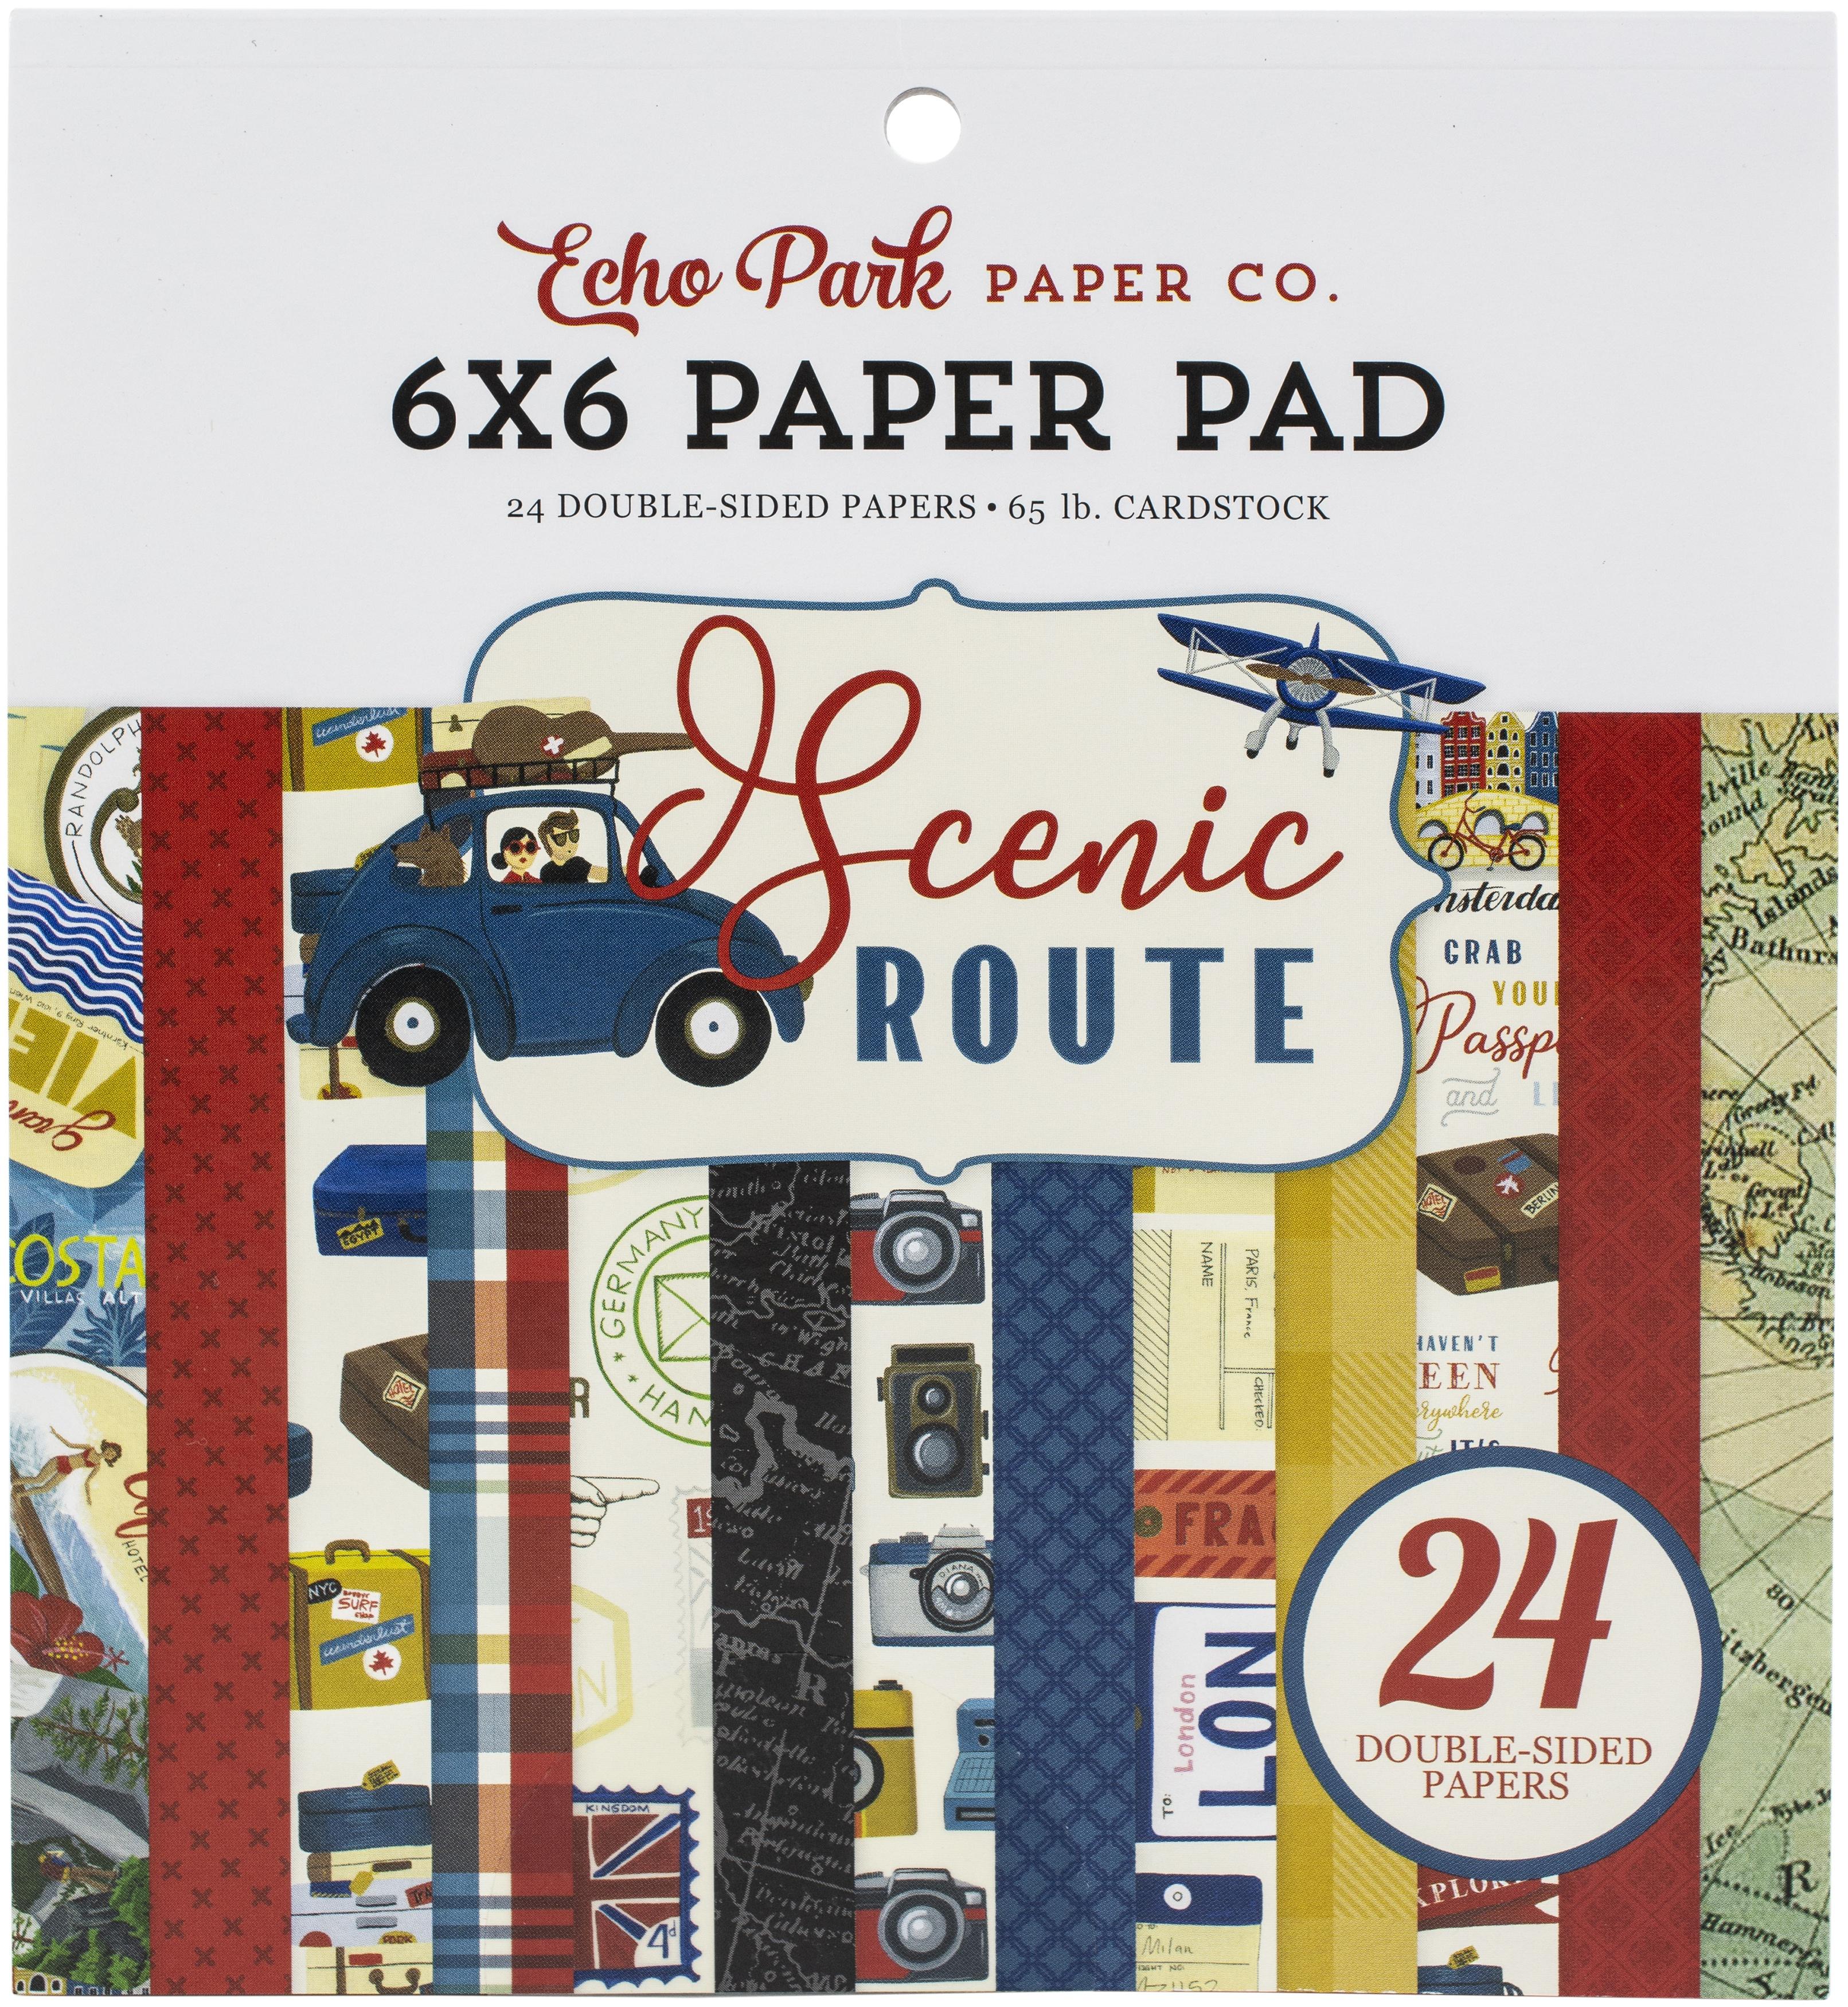 Scenic Route 6x6 pad